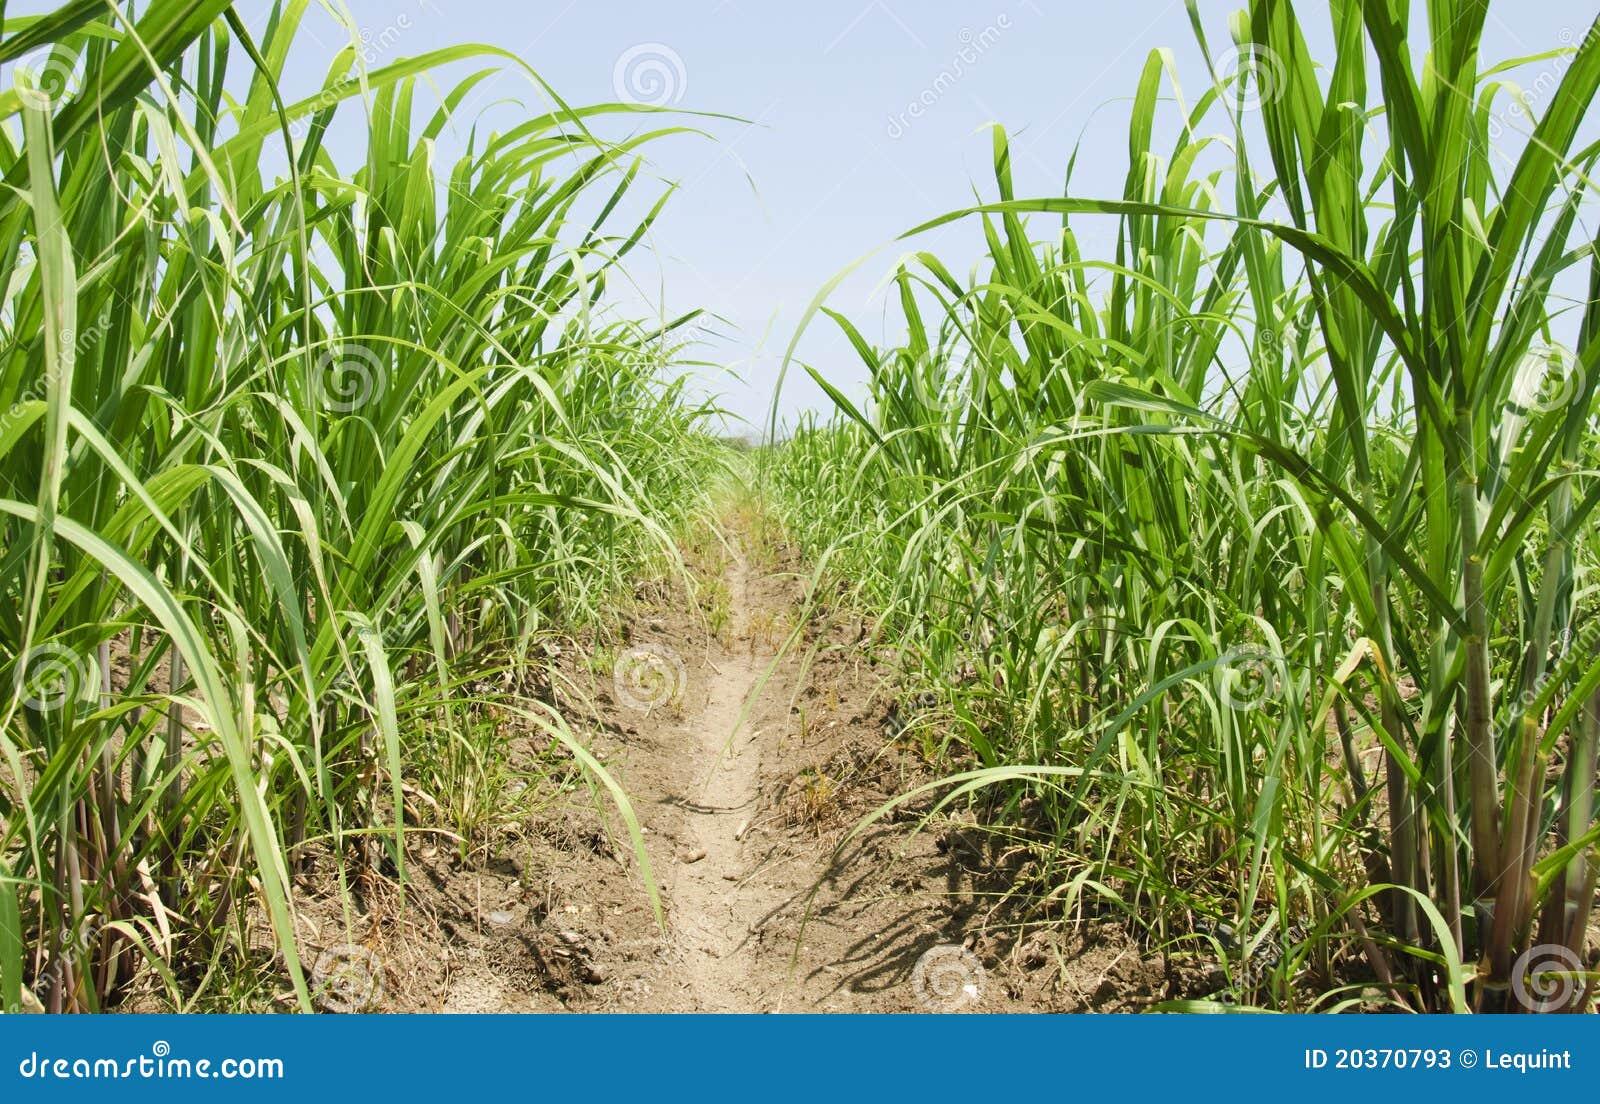 Sugar Cane Grass Stock Image. Image Of Ethanol, Cane